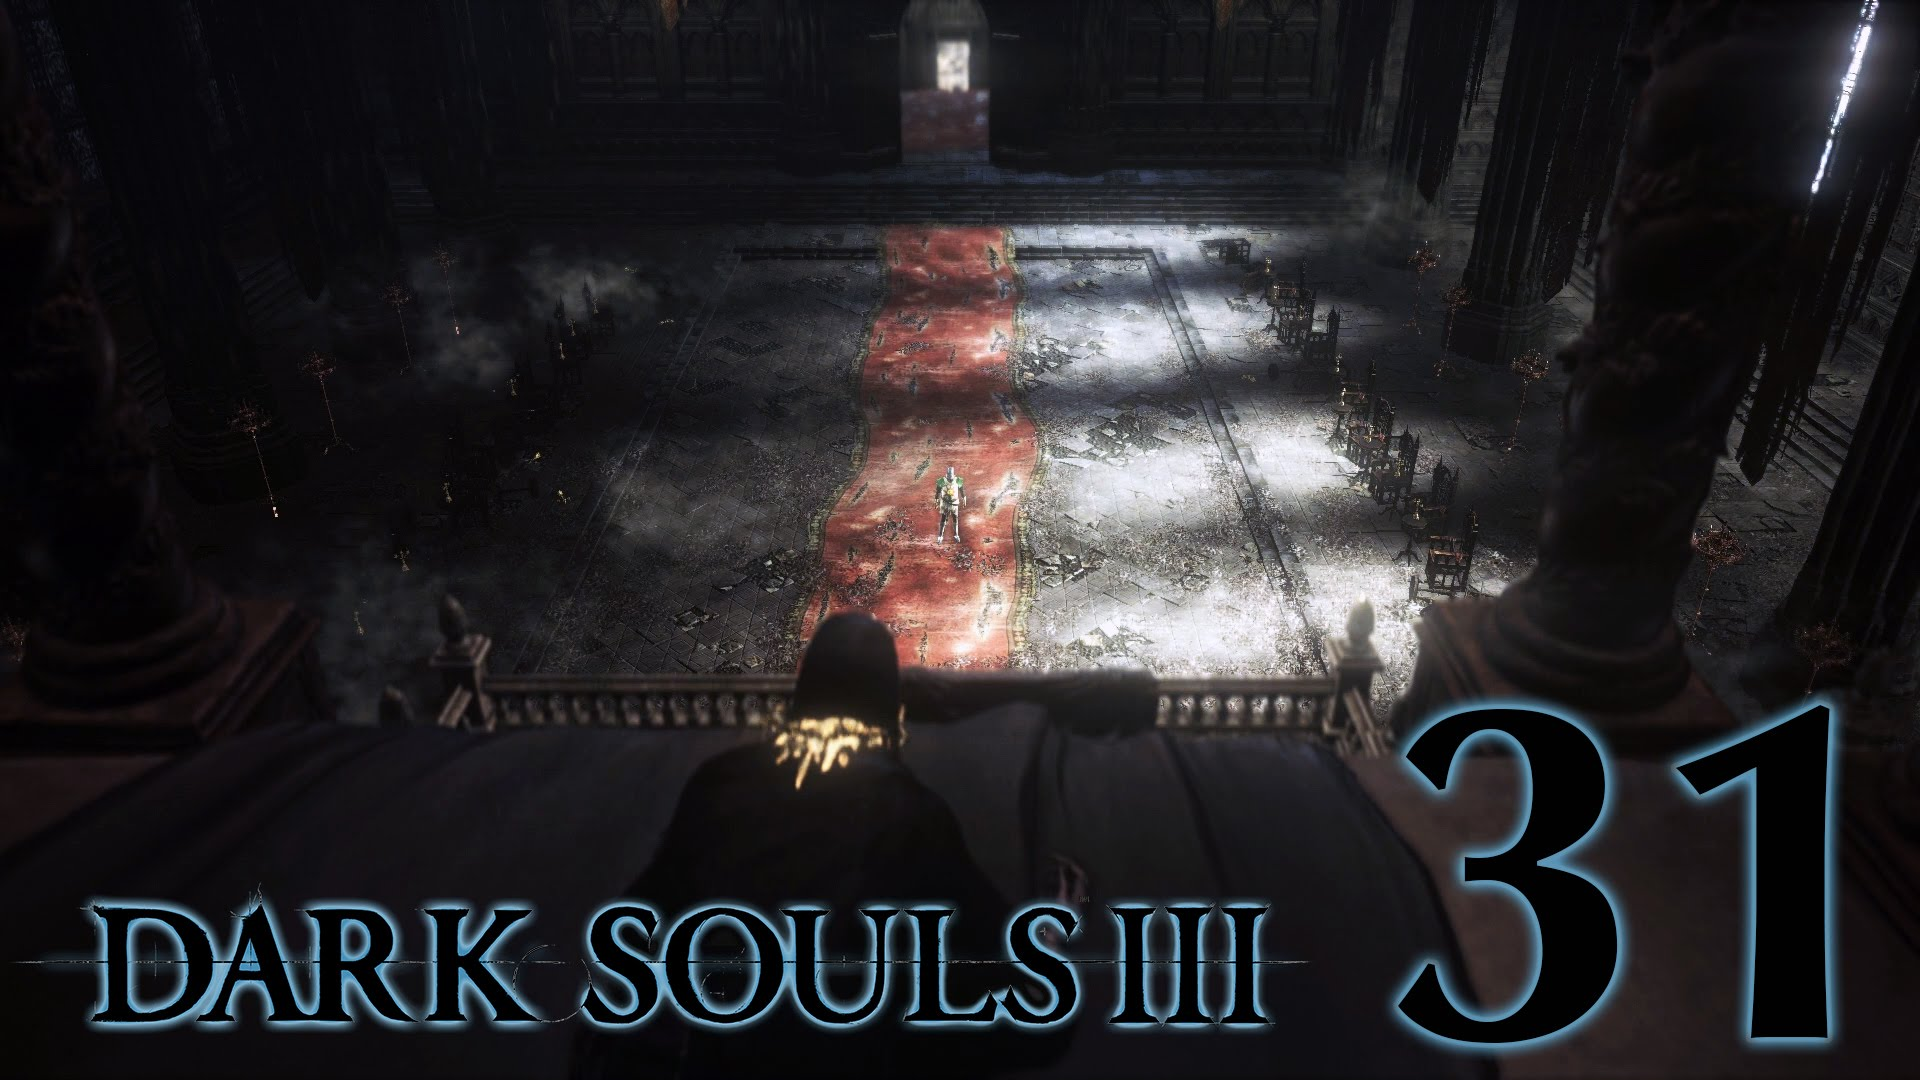 #31【PC版】 DARK SOULS Ⅲ (ダークソウル 3) 【大書庫】